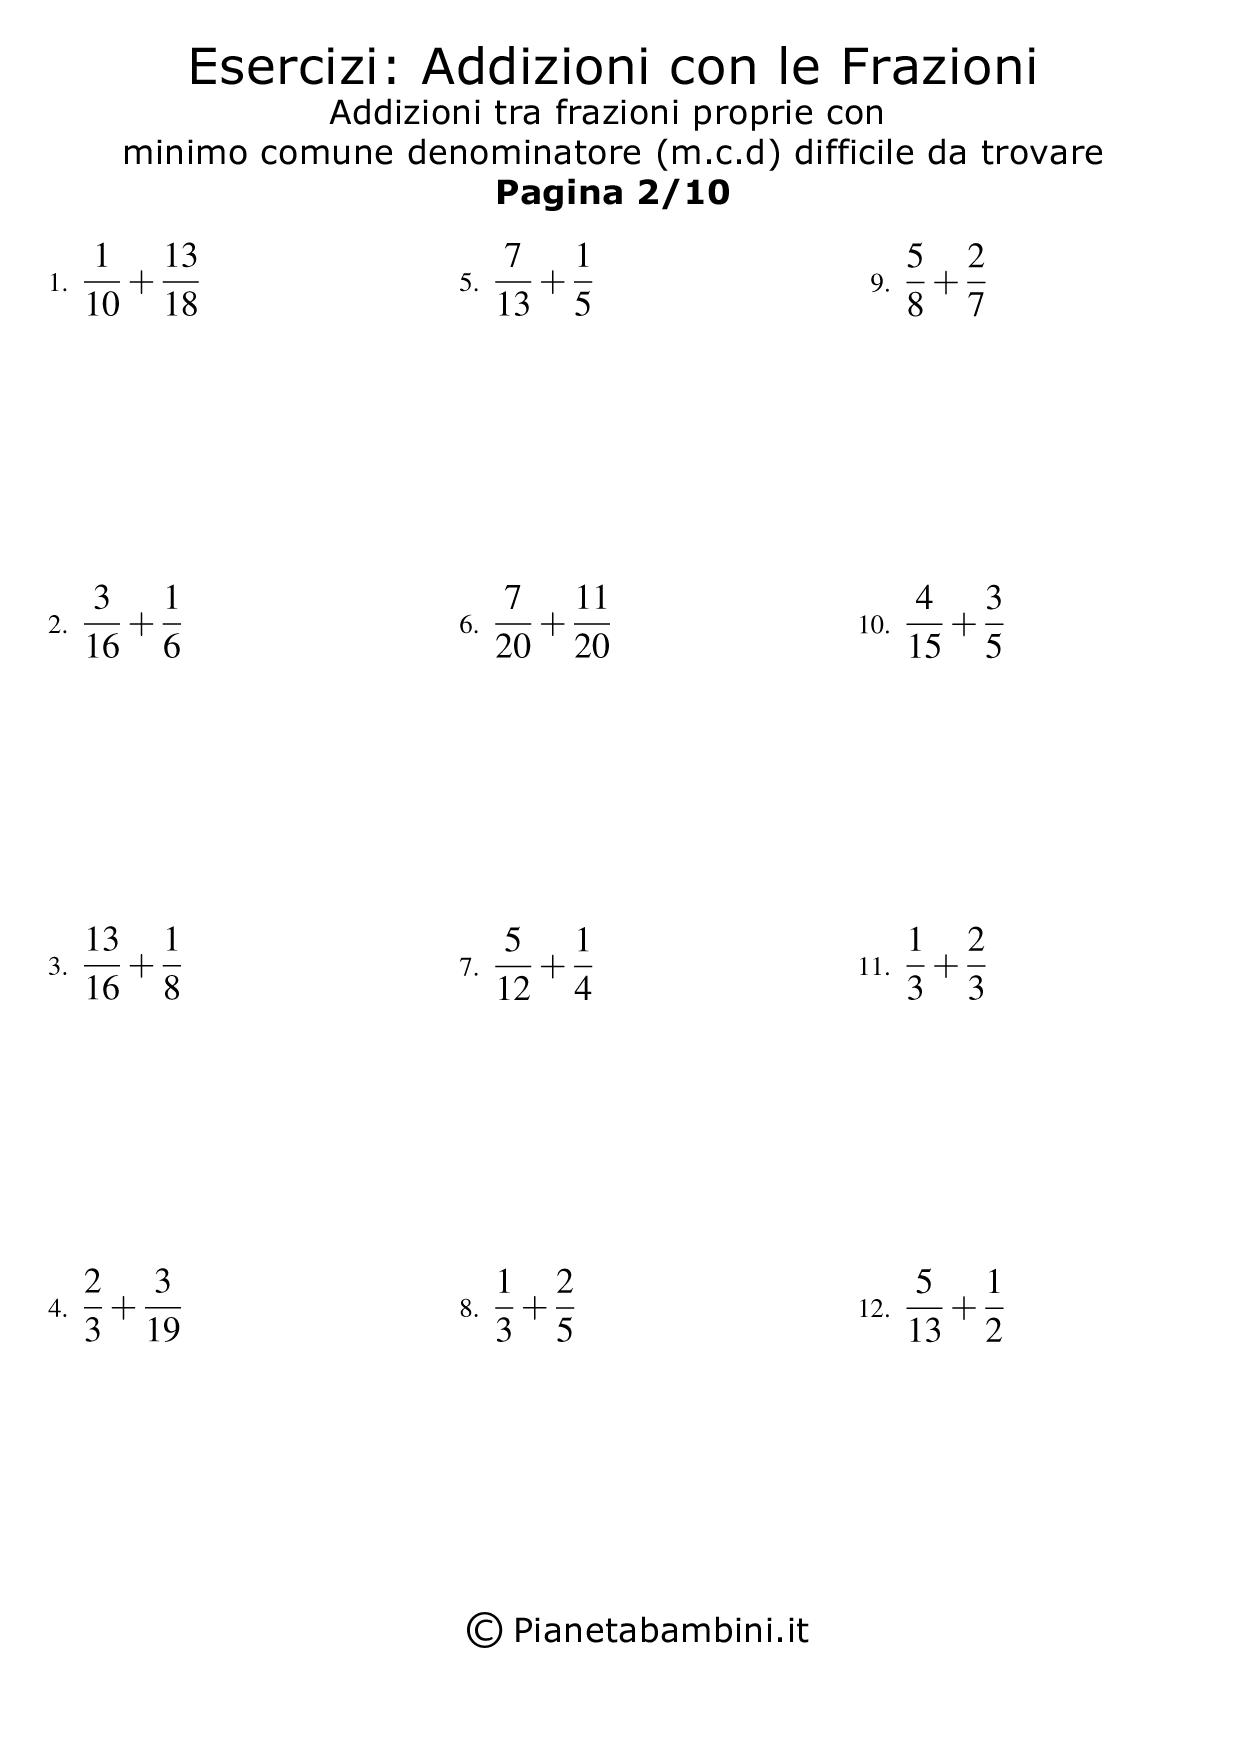 Frazioni-Facili-m.c.d-difficile_02